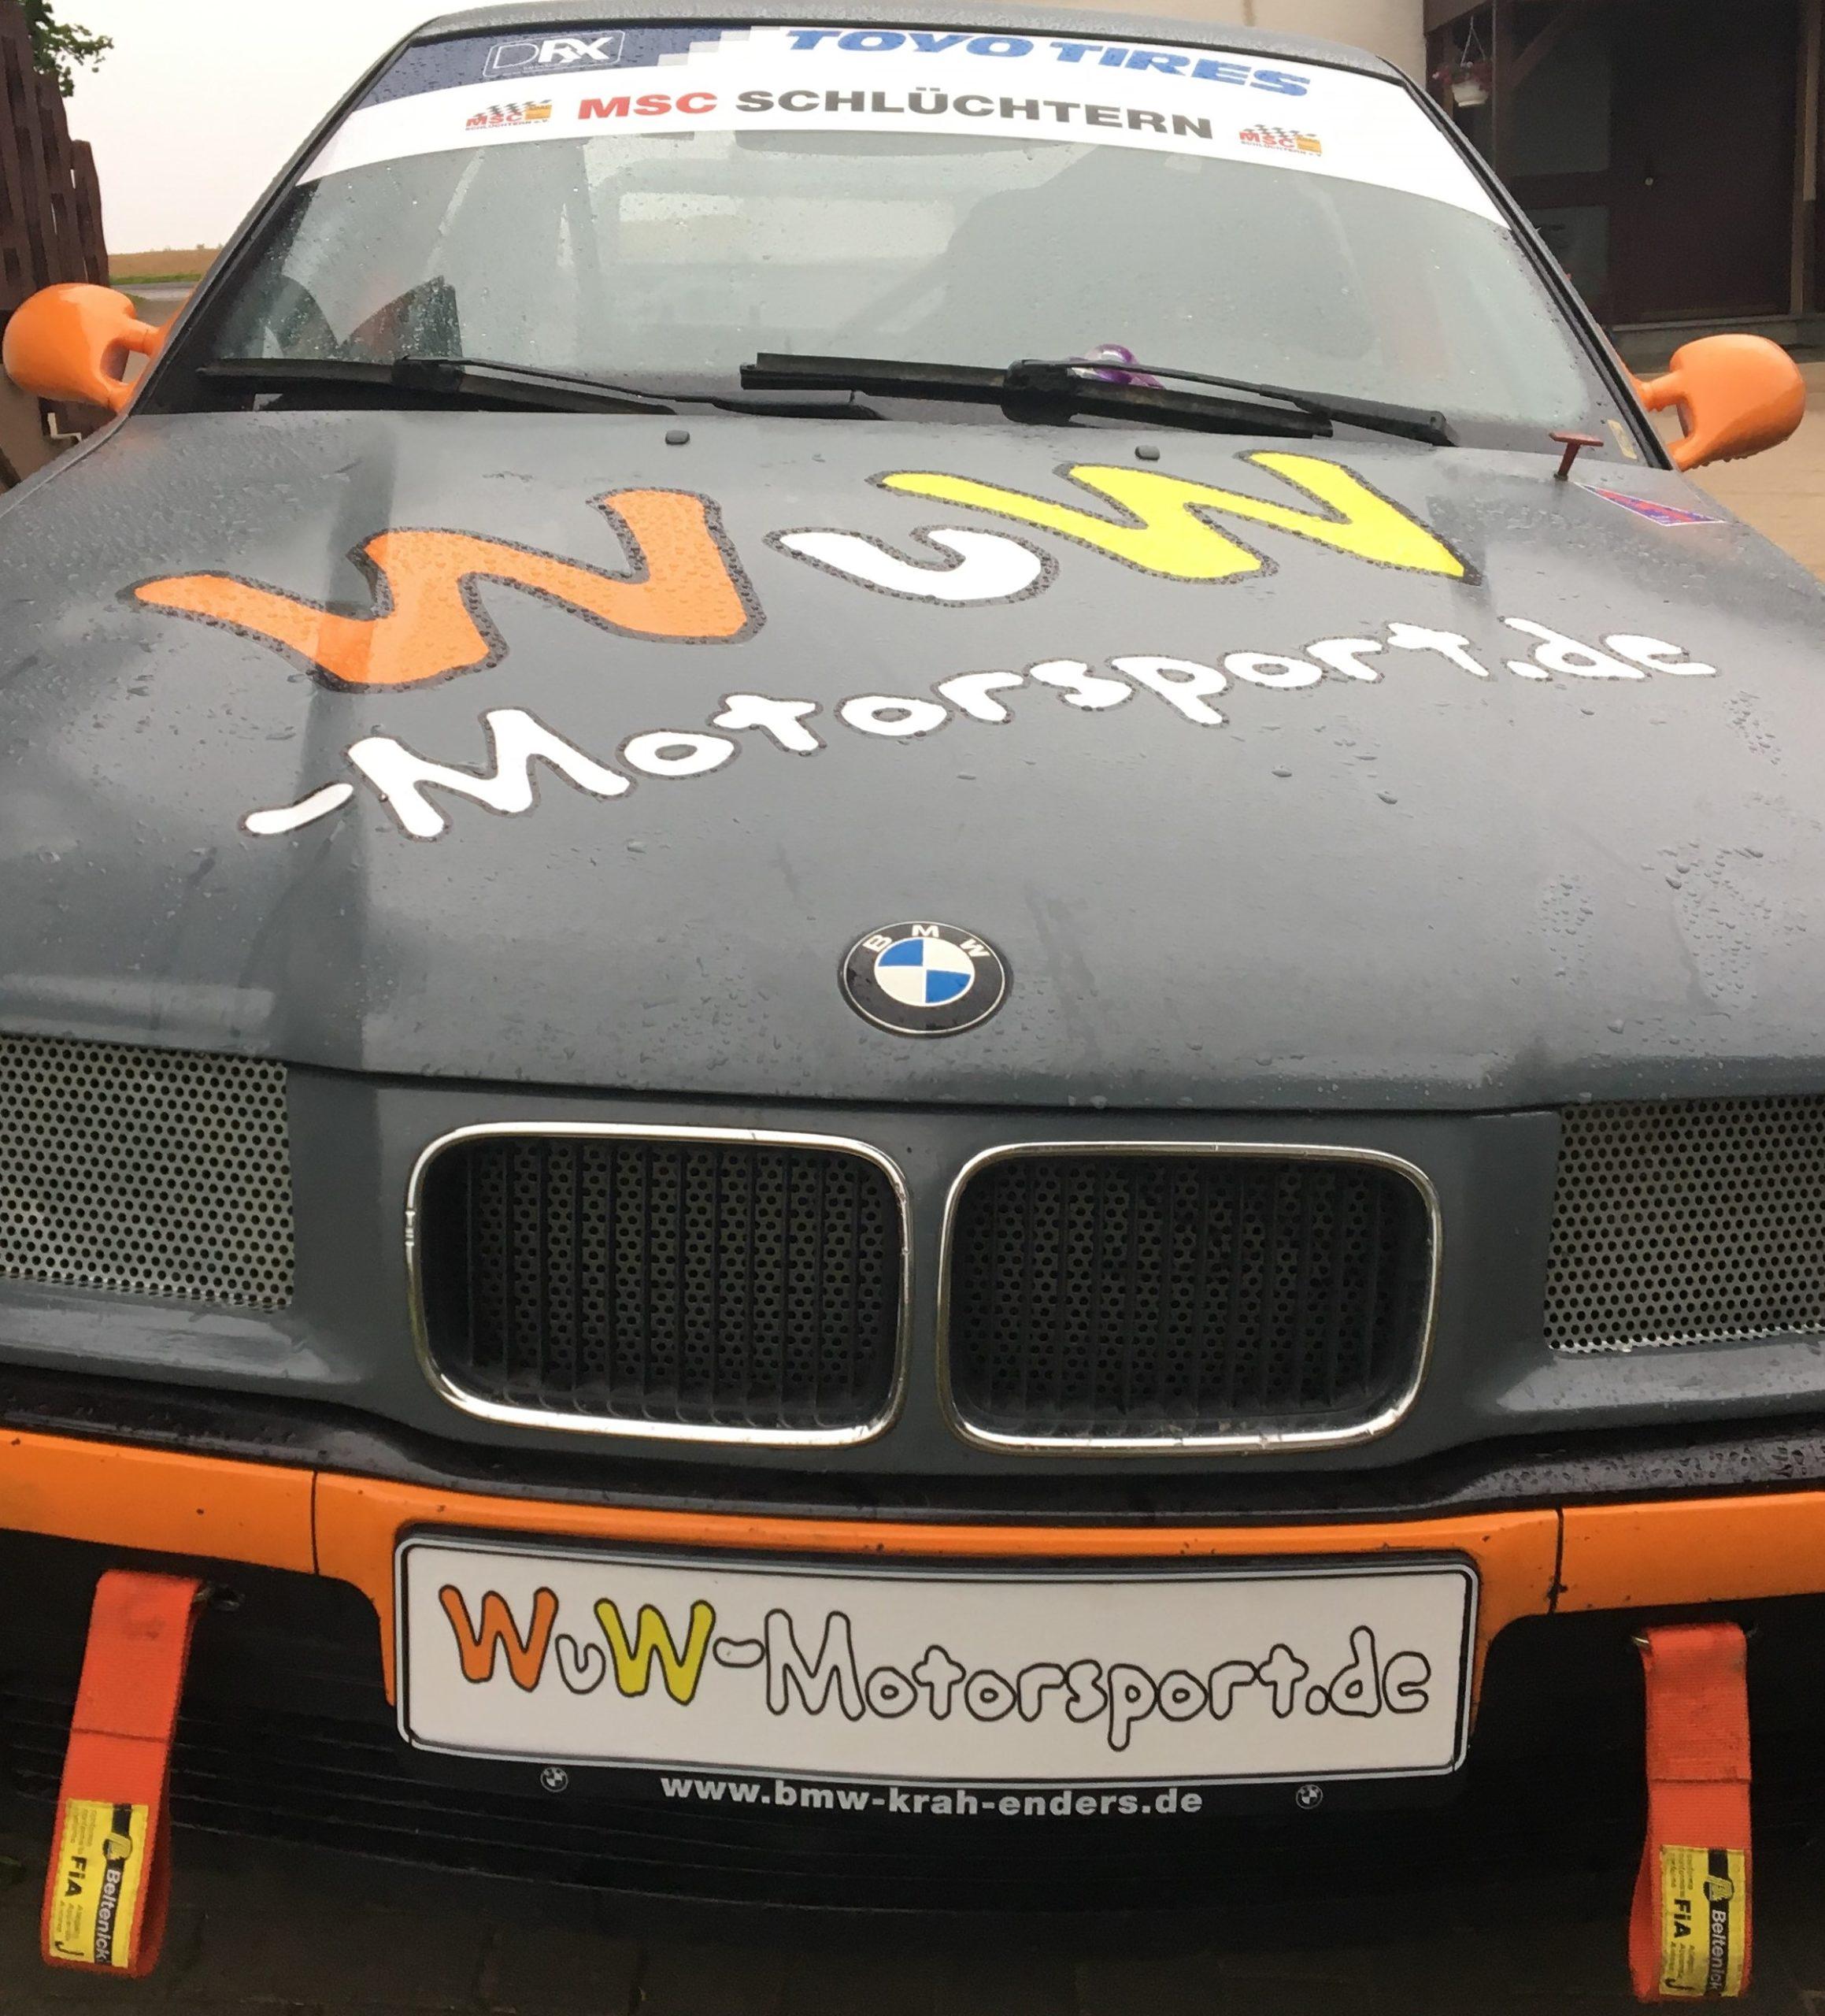 WuW-Motorsport.de